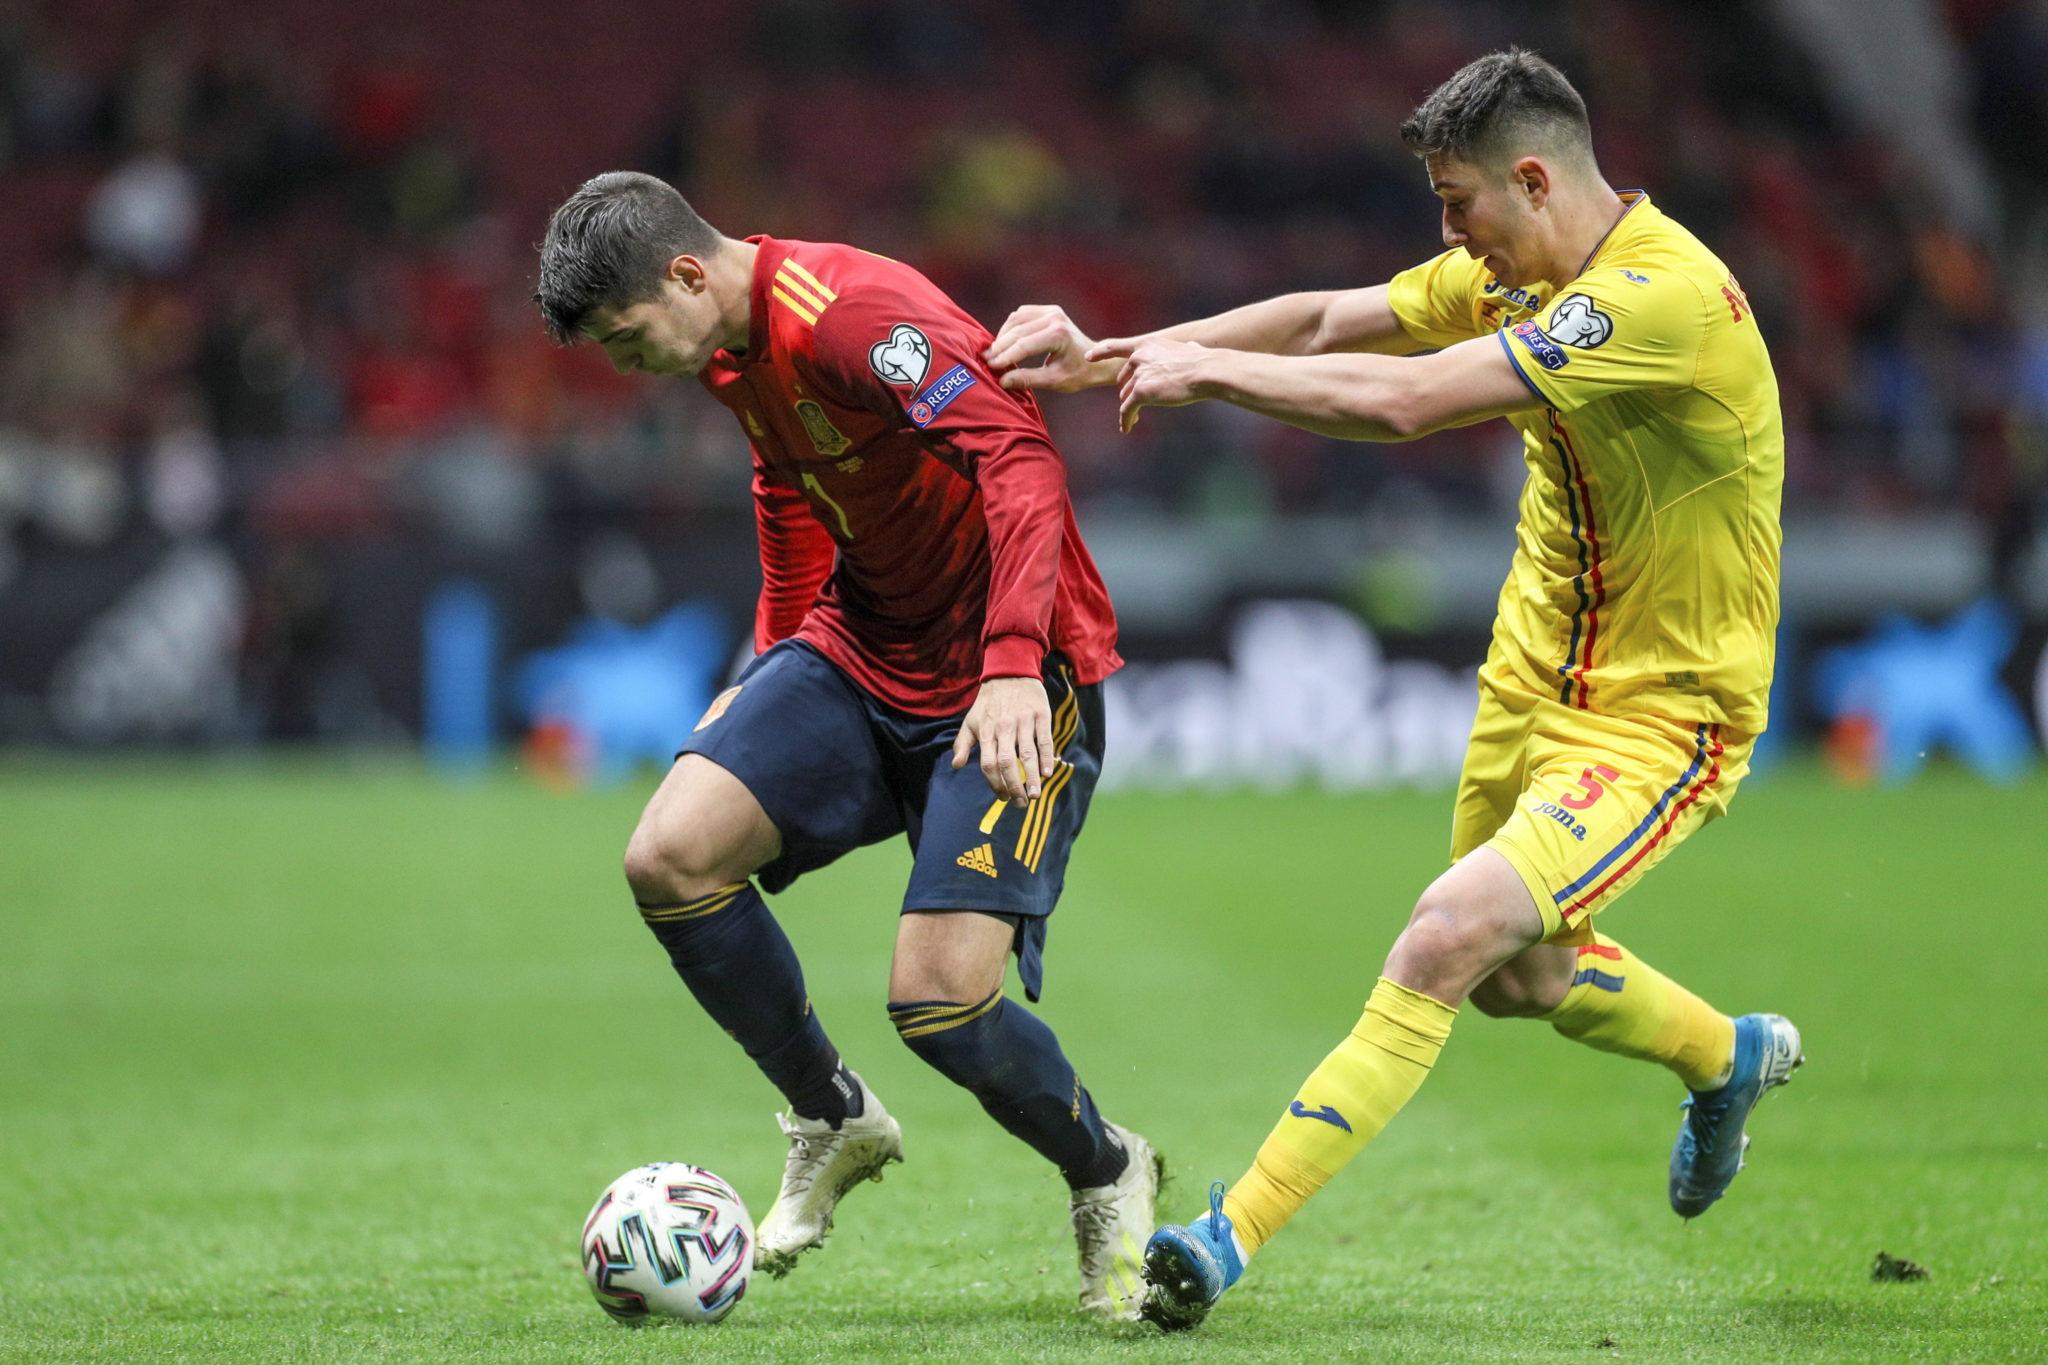 Alvaro Morata w akcji przeciwko reprezentantowi Rumunii Ionutowi Nedelcearu podczas meczu grupy F eliminacji UEFA EURO 2020 pomiędzy Hiszpanią a Rumunią na stadionie Wanda Metropolitano w Madrycie, fot.  EPA/RODRIGO JIMENEZ